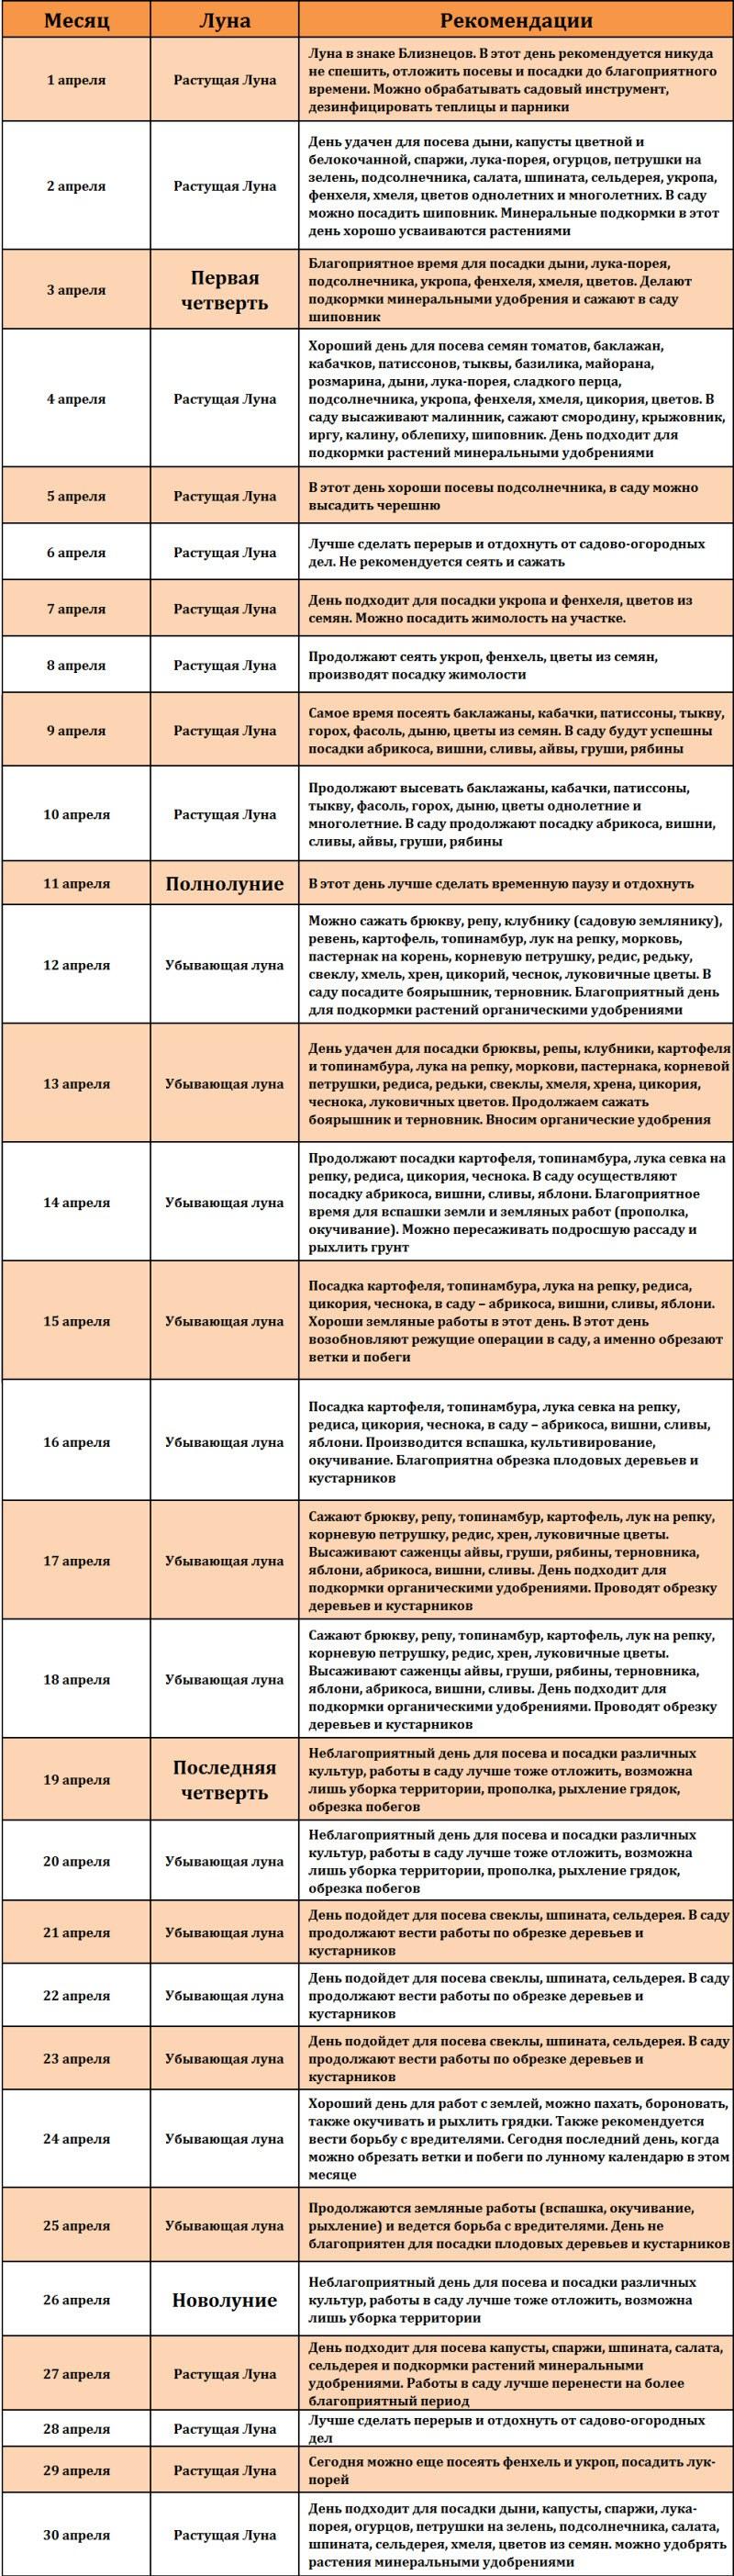 Lunnyy posevnoy kalendar' na aprel' 2017 goda sadovoda i ogorodnika